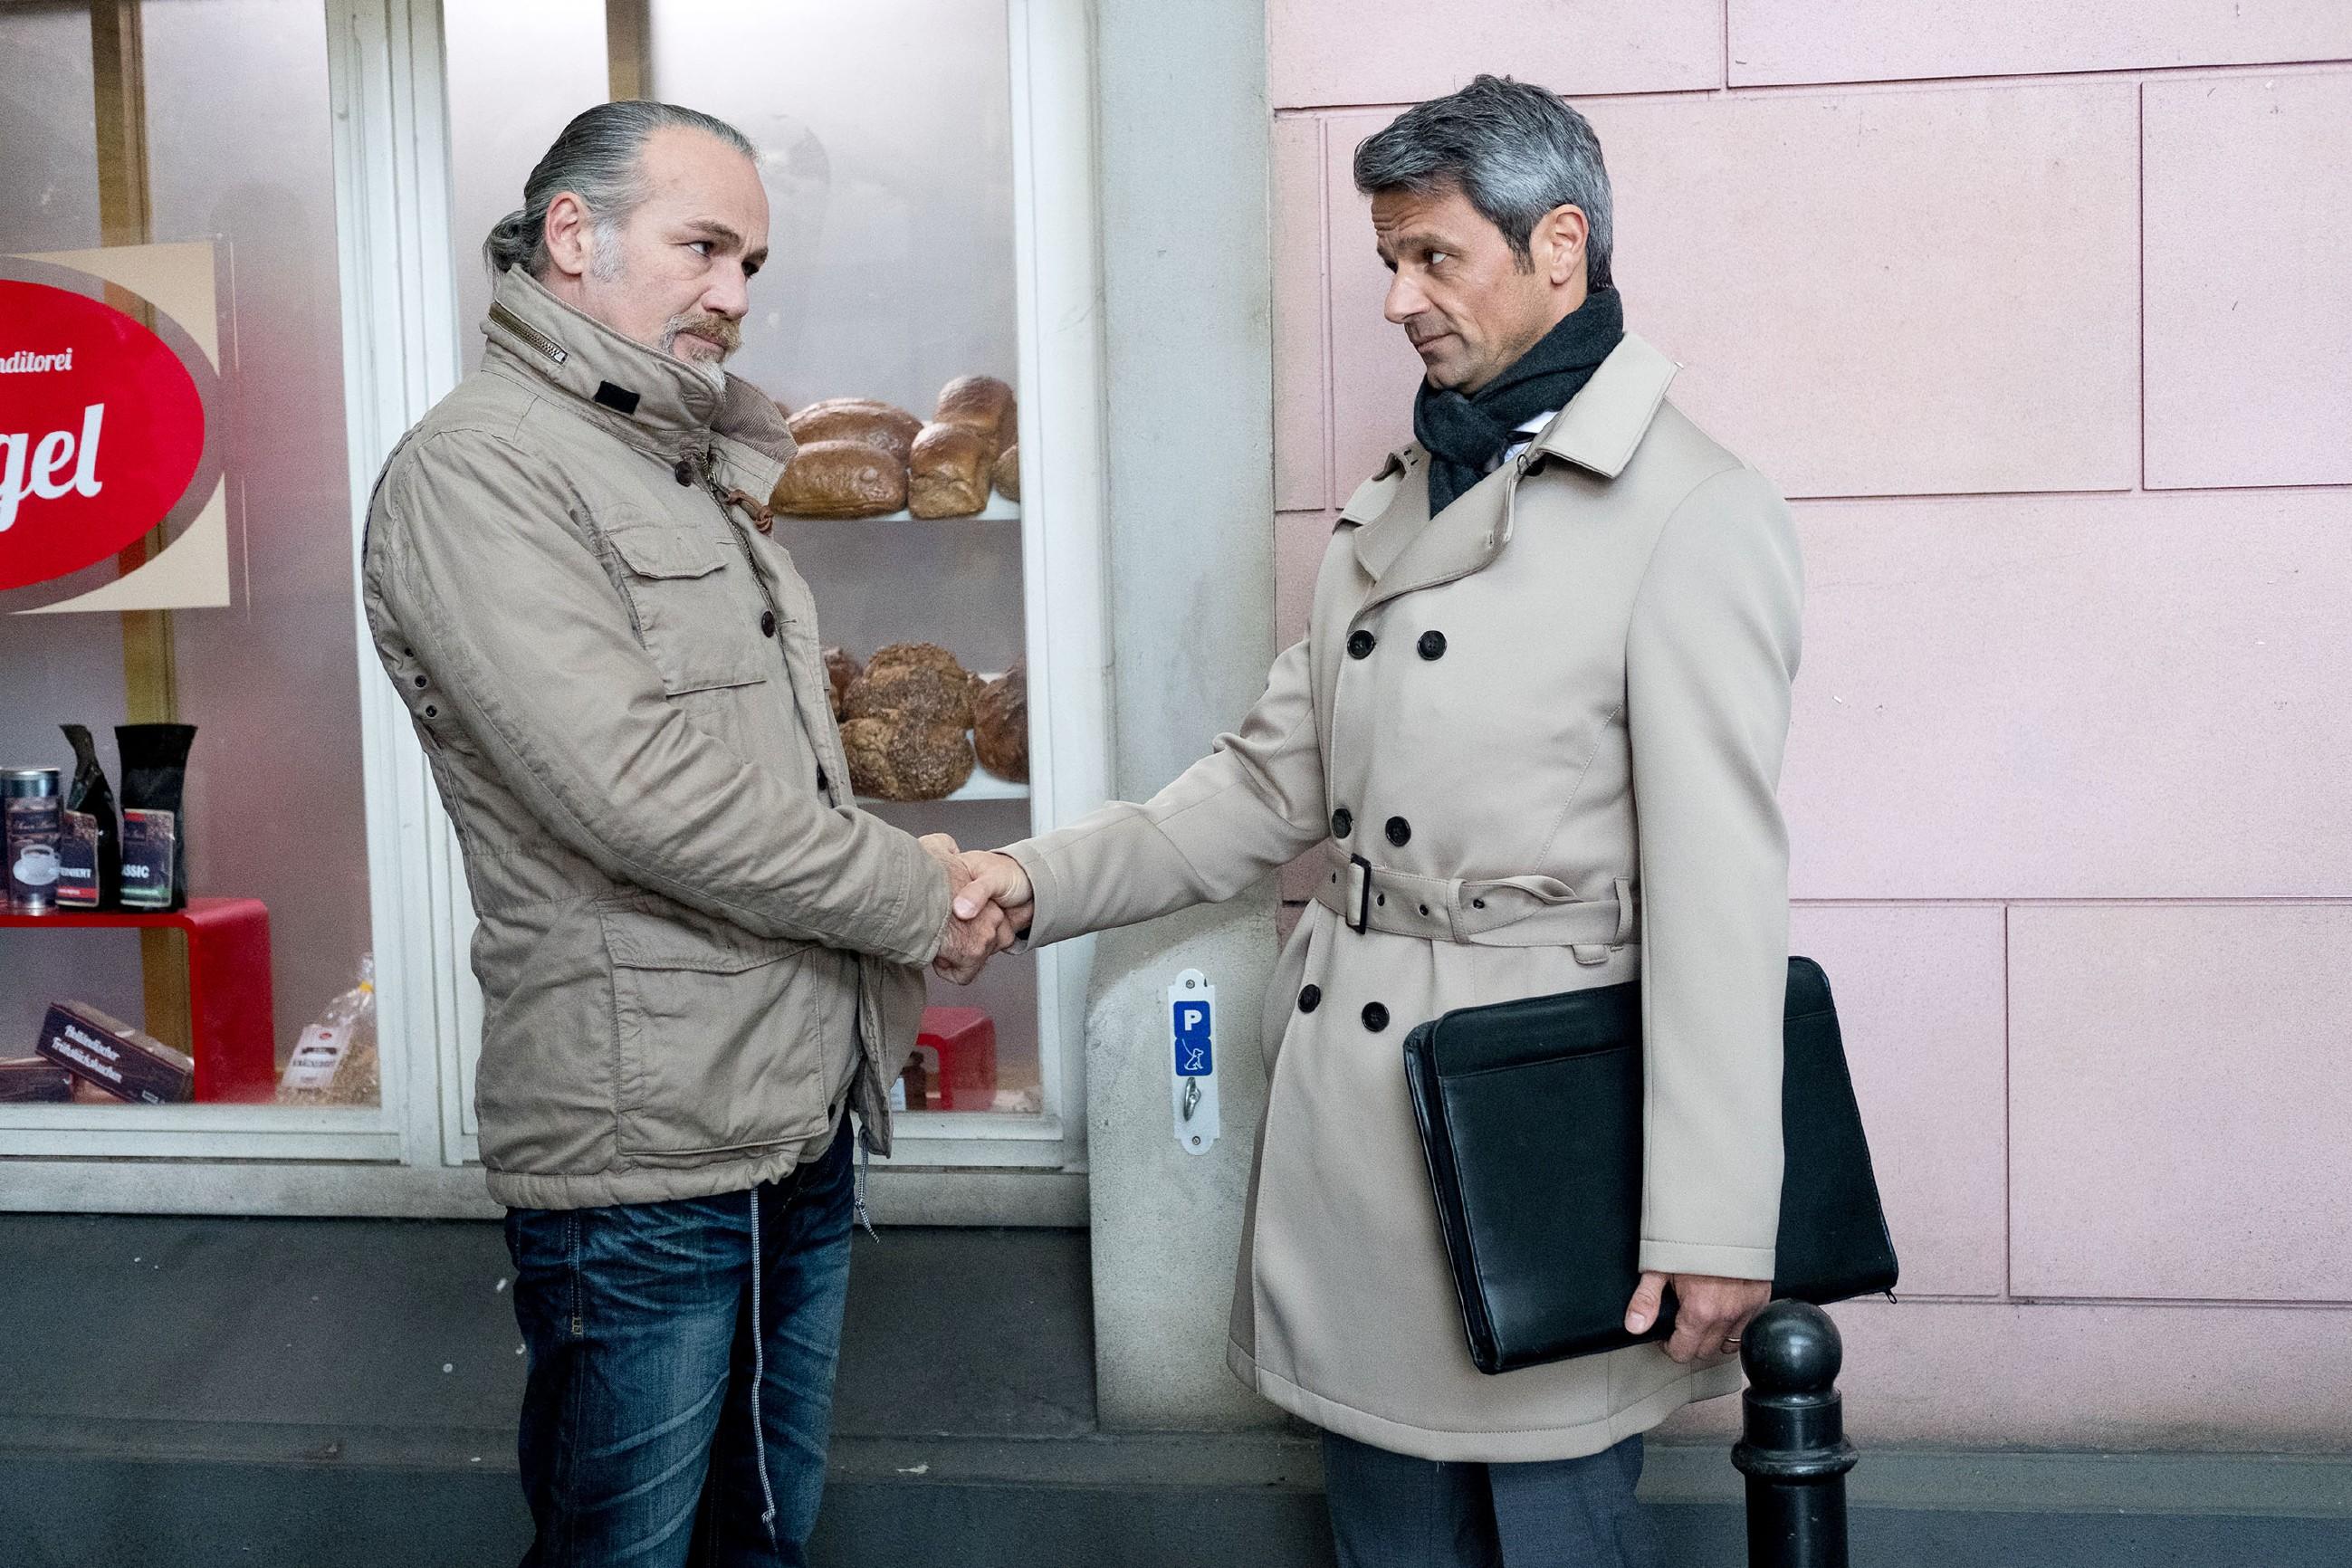 Um sein Geschäft zu retten, geht Benedikt (Jens Hajek, r.) überwiegend auf Roberts (Luca Maric) Forderungen ein. (Quelle: RTL / Stefan Behrens)